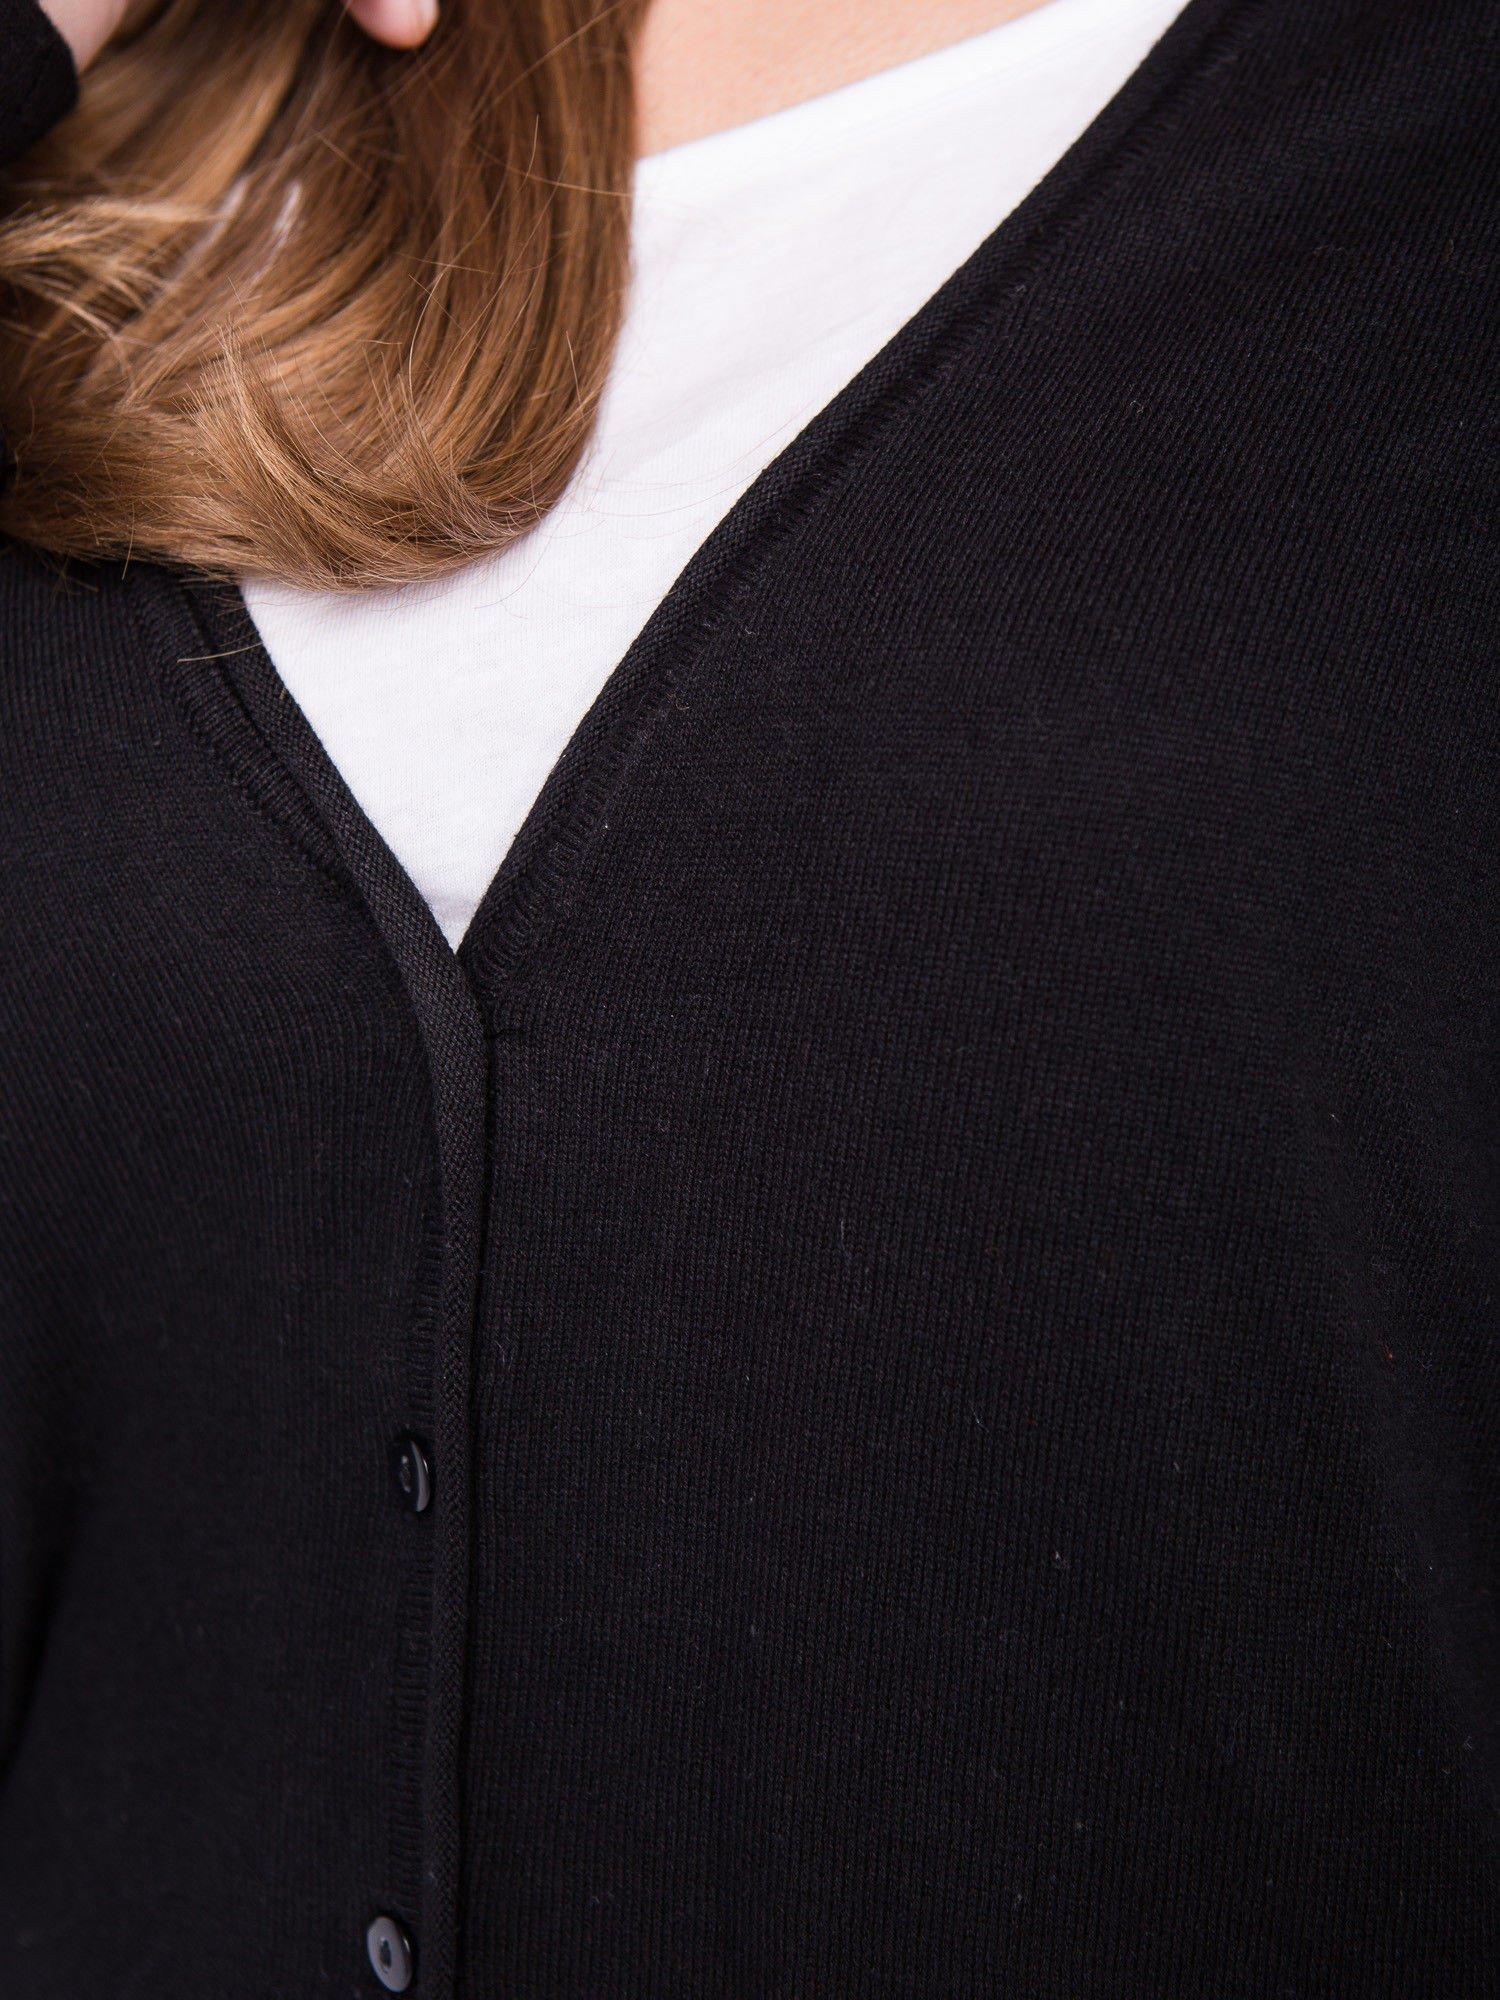 Czarny rozpinany kadrigan z bawełny z dekoltem w serek                                  zdj.                                  5